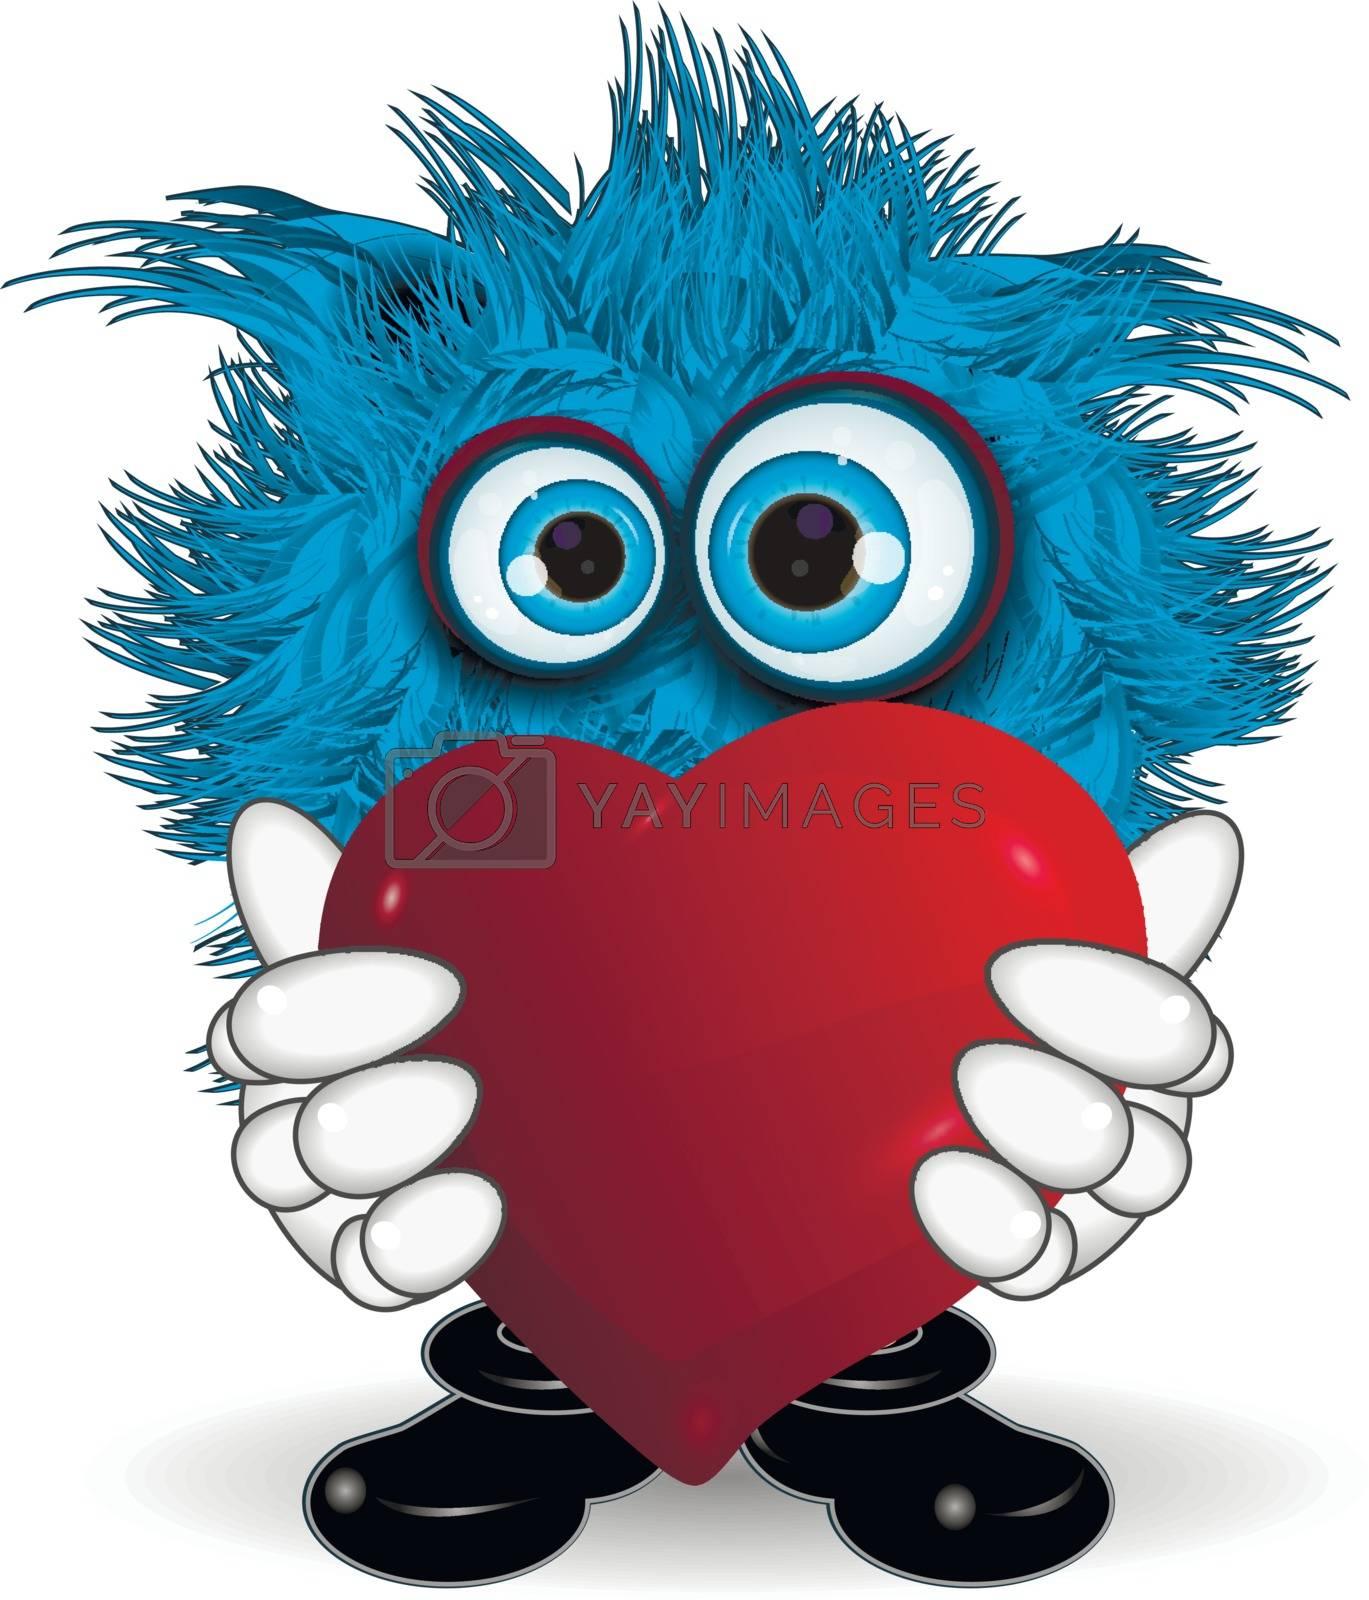 Illustration Blue Monster Keeps Red Symbol Heart